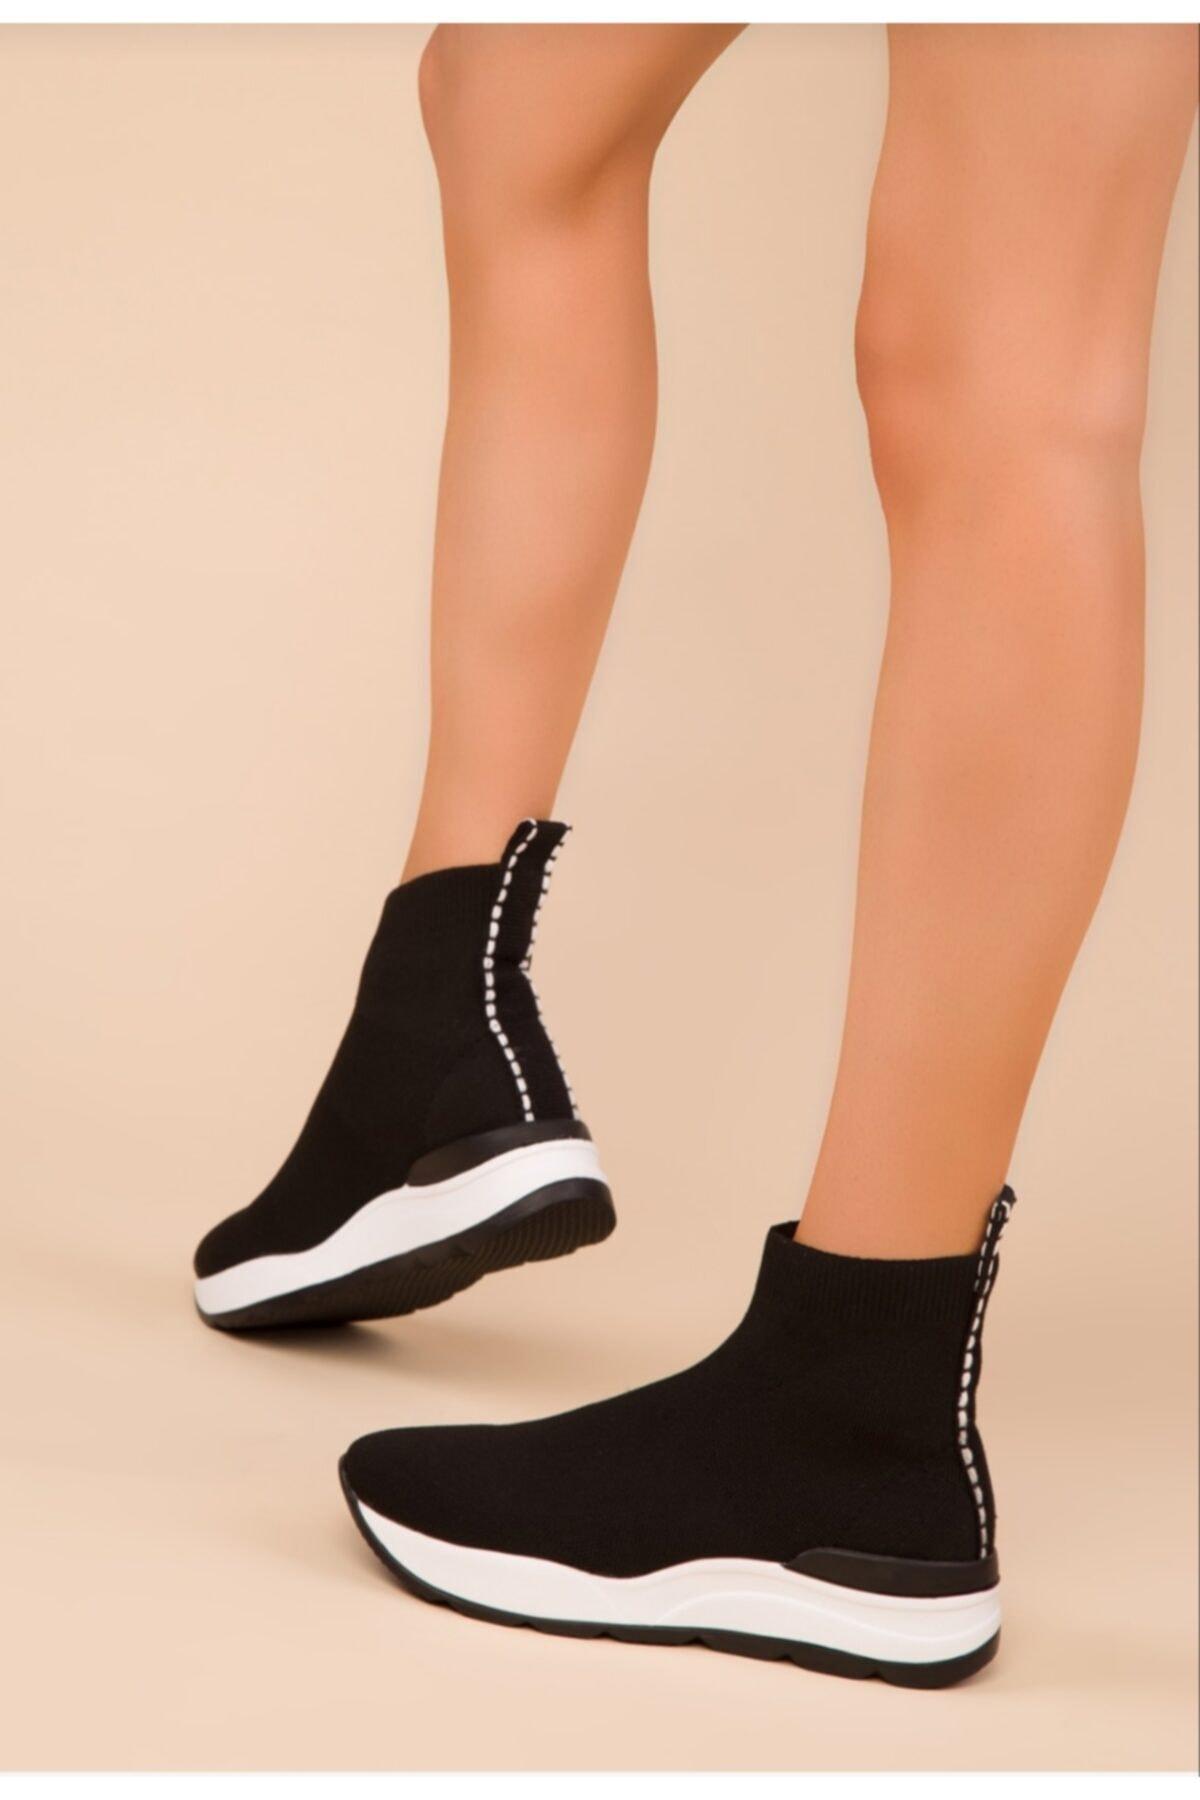 MİRKET Kadın Triko Streç Çorap Bot Sneaker Günlük Spor Ayakkabı